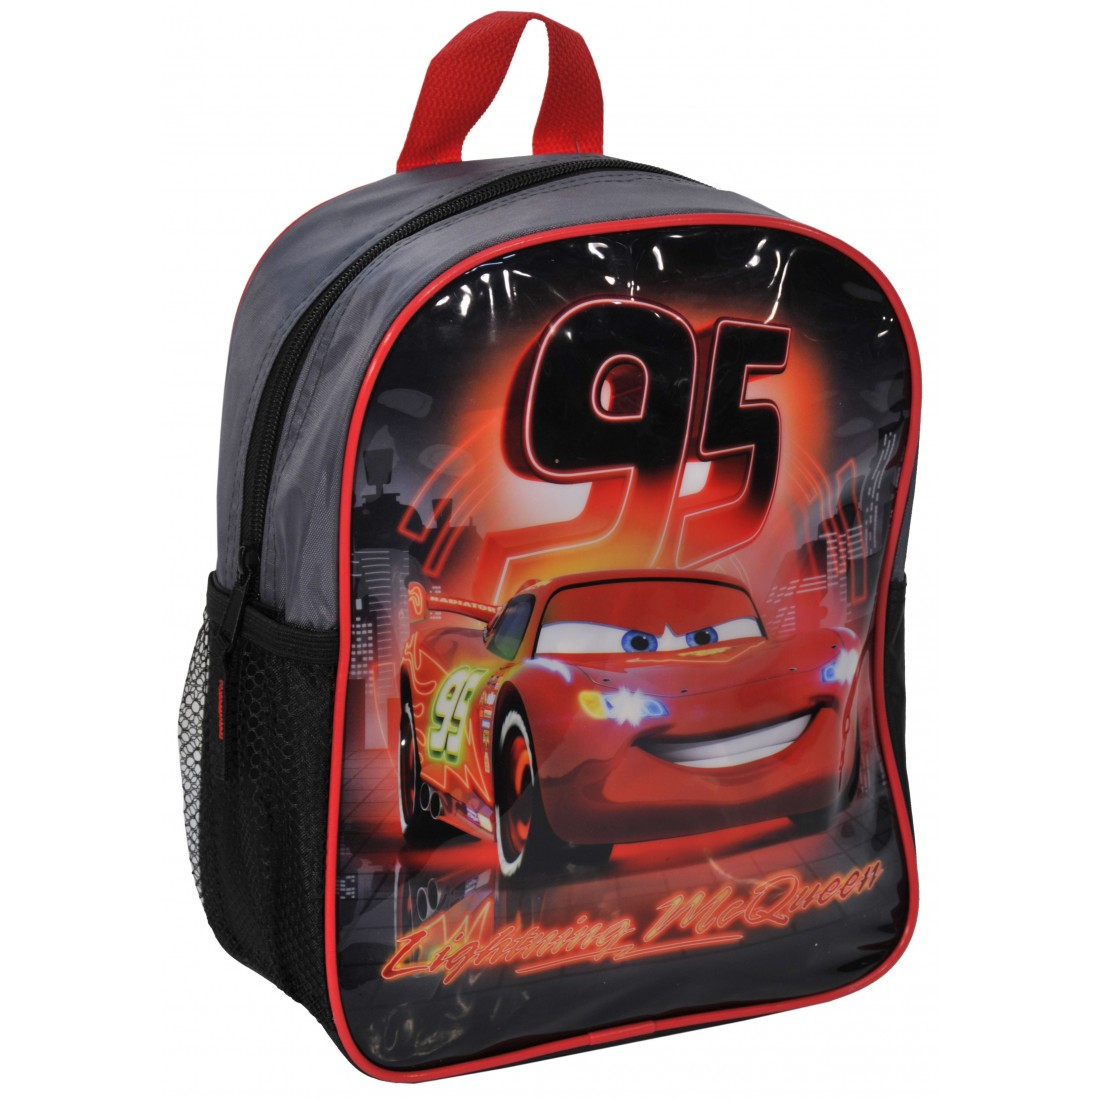 Plecaczek Auta Cars 95 zygzak - plecak-tornister.pl